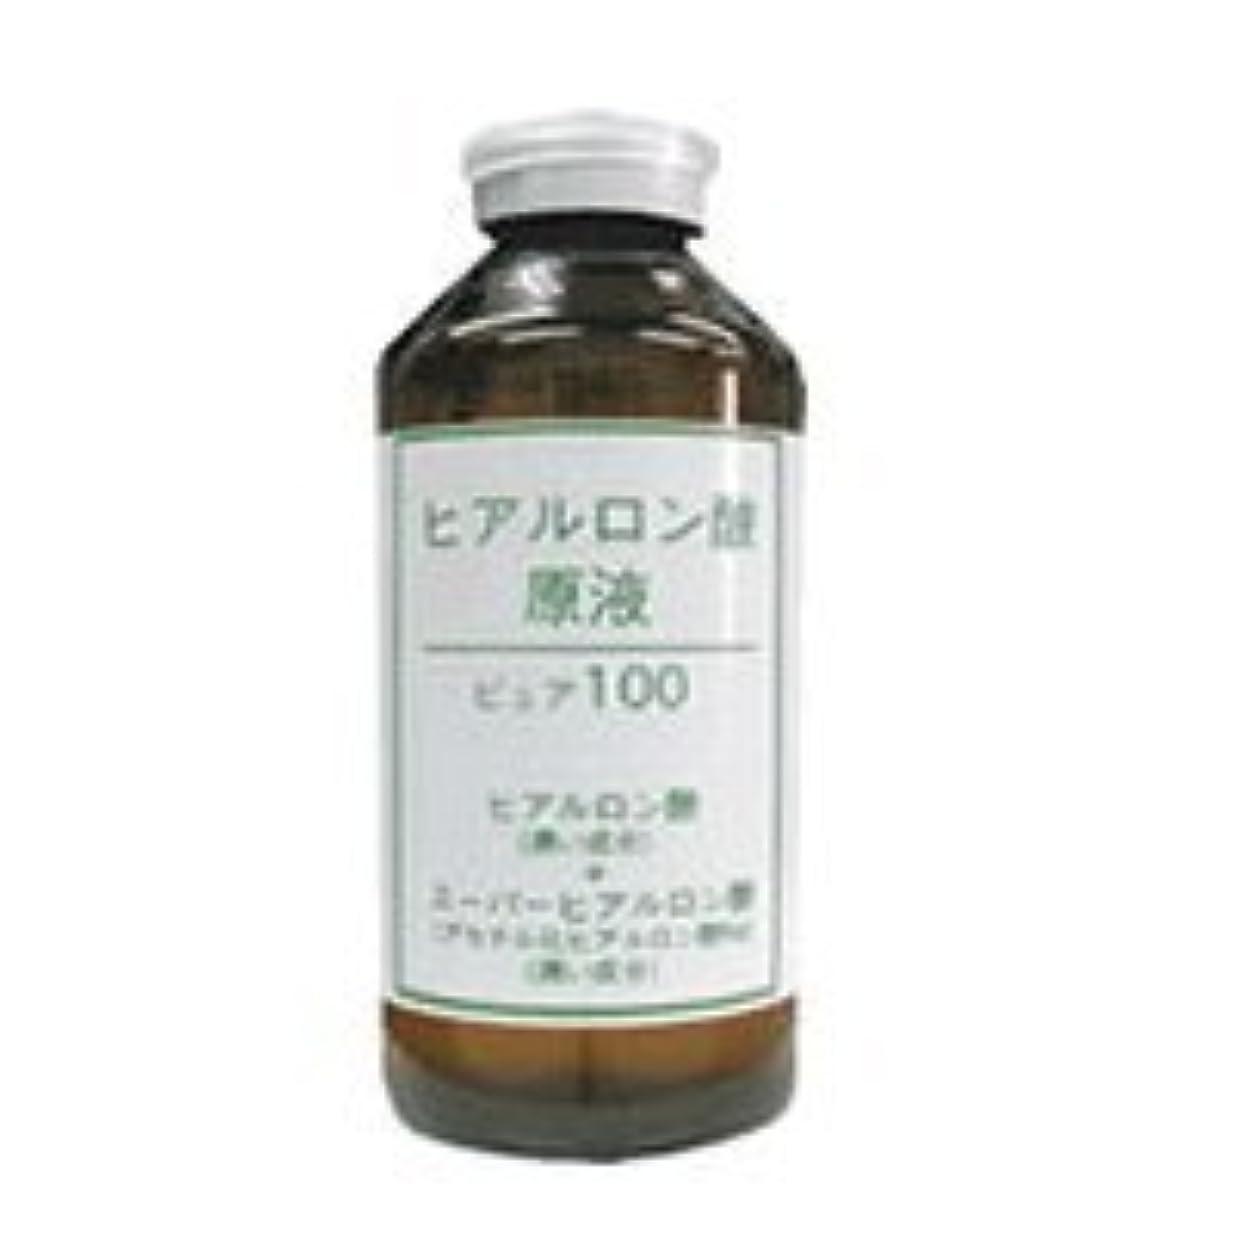 スクリーチマニアック公ヒアルロン酸原液 ピュアエッセンス 55ml  ヒアルロン酸+スーパーヒアルロン酸